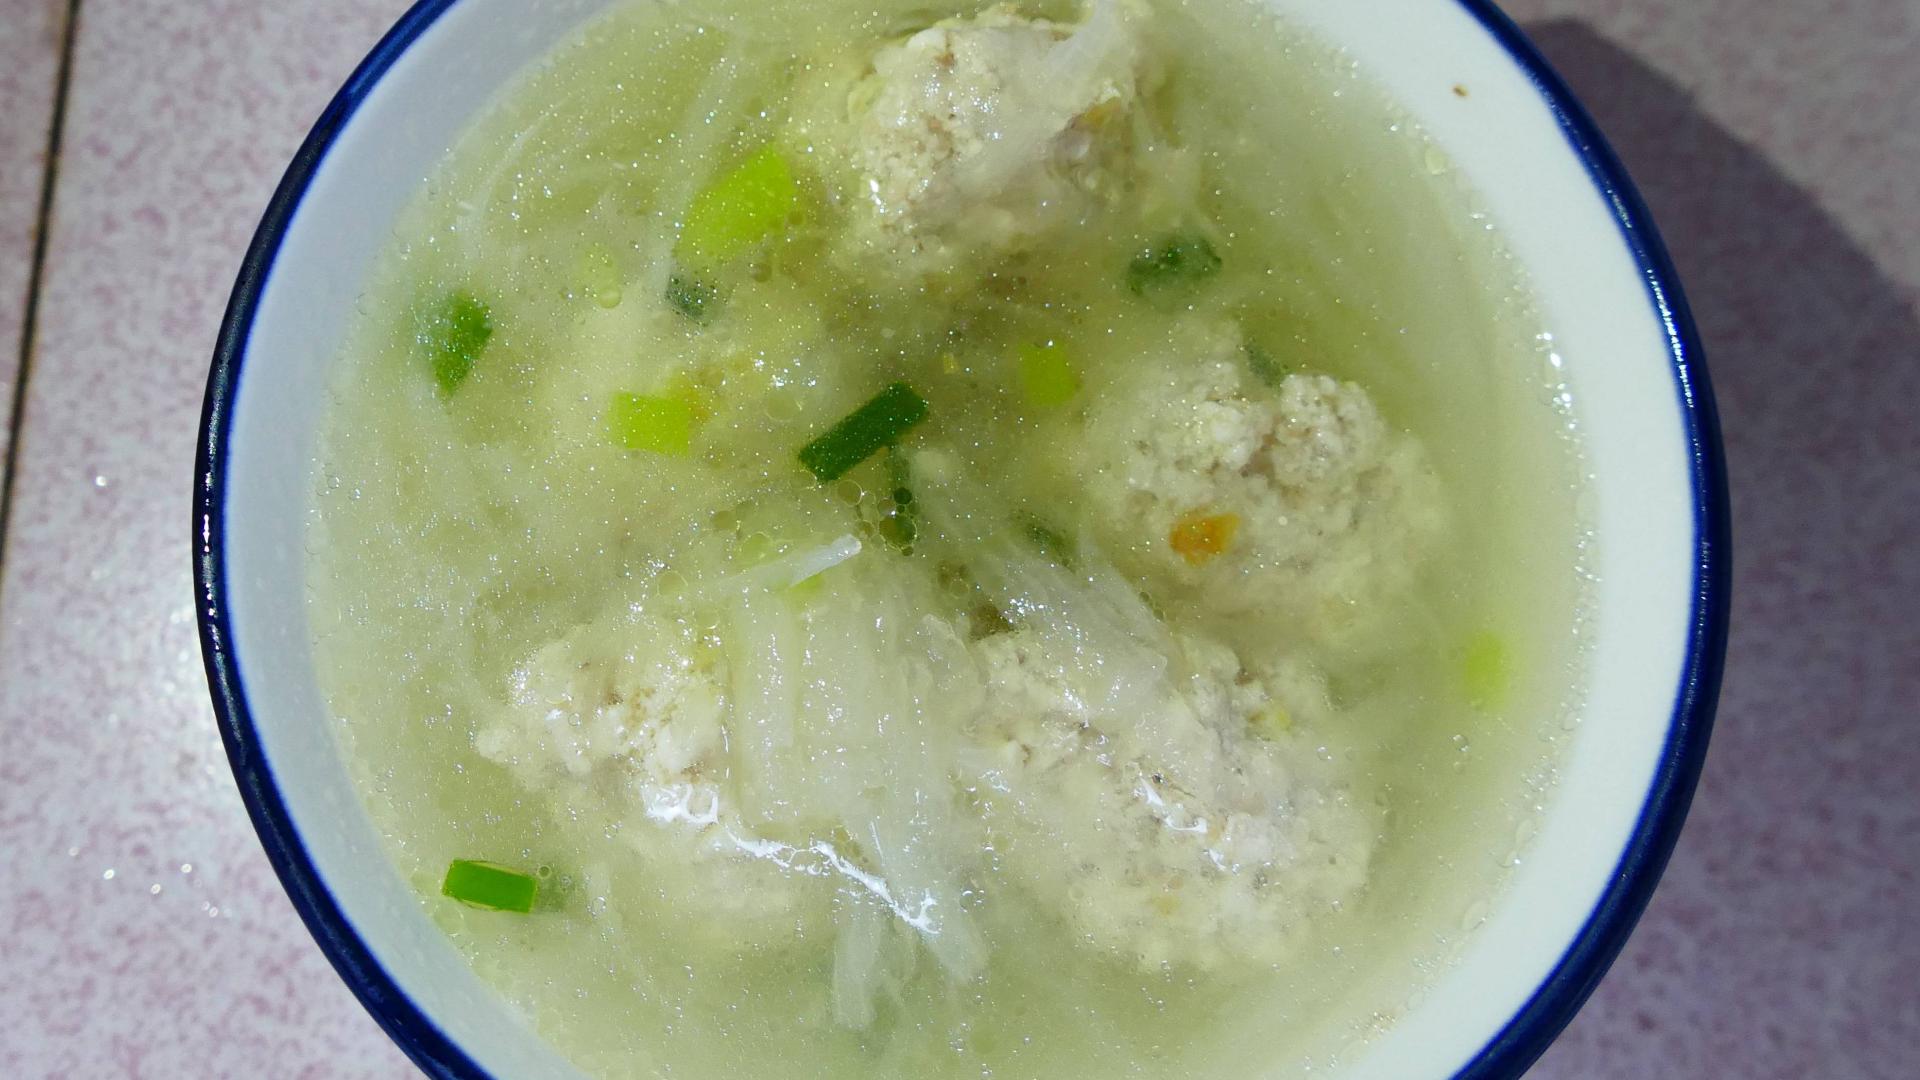 萝卜豆腐圆子汤,简单温暖不油腻,饭前来一碗,开胃又营养